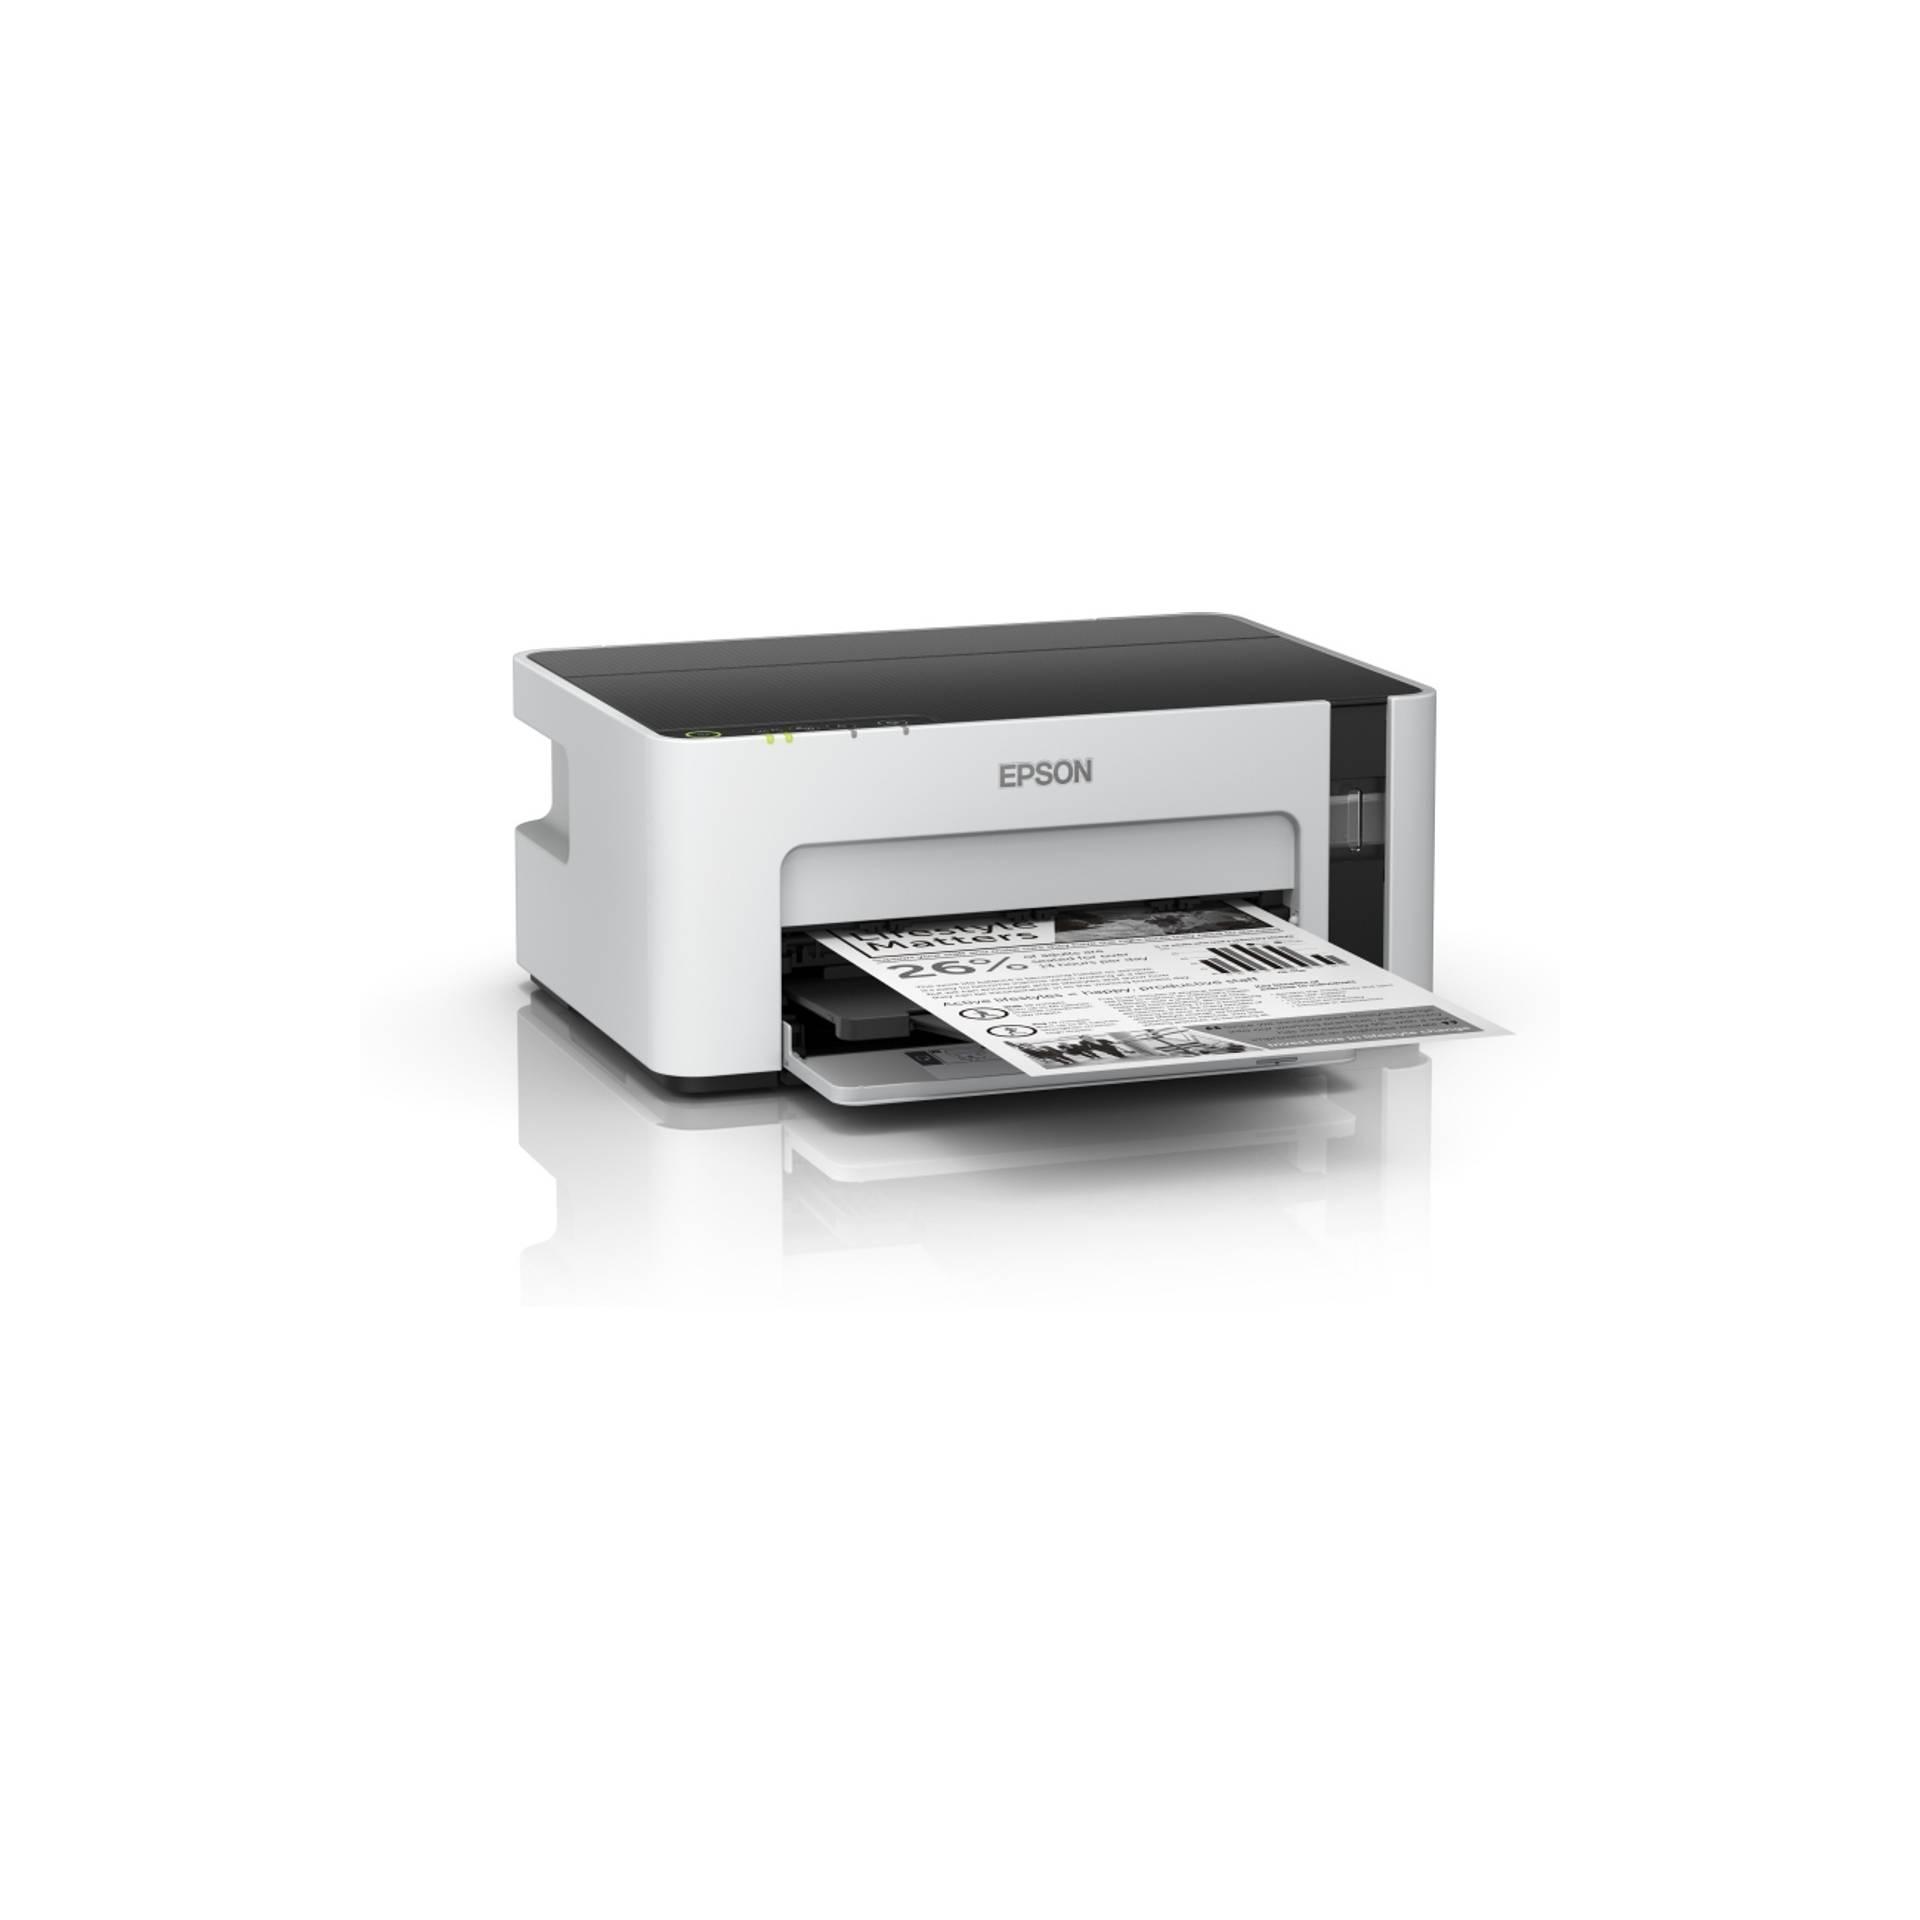 EPSON Mono Ink Eco Tank Printer - M1120 (Photo: 2)